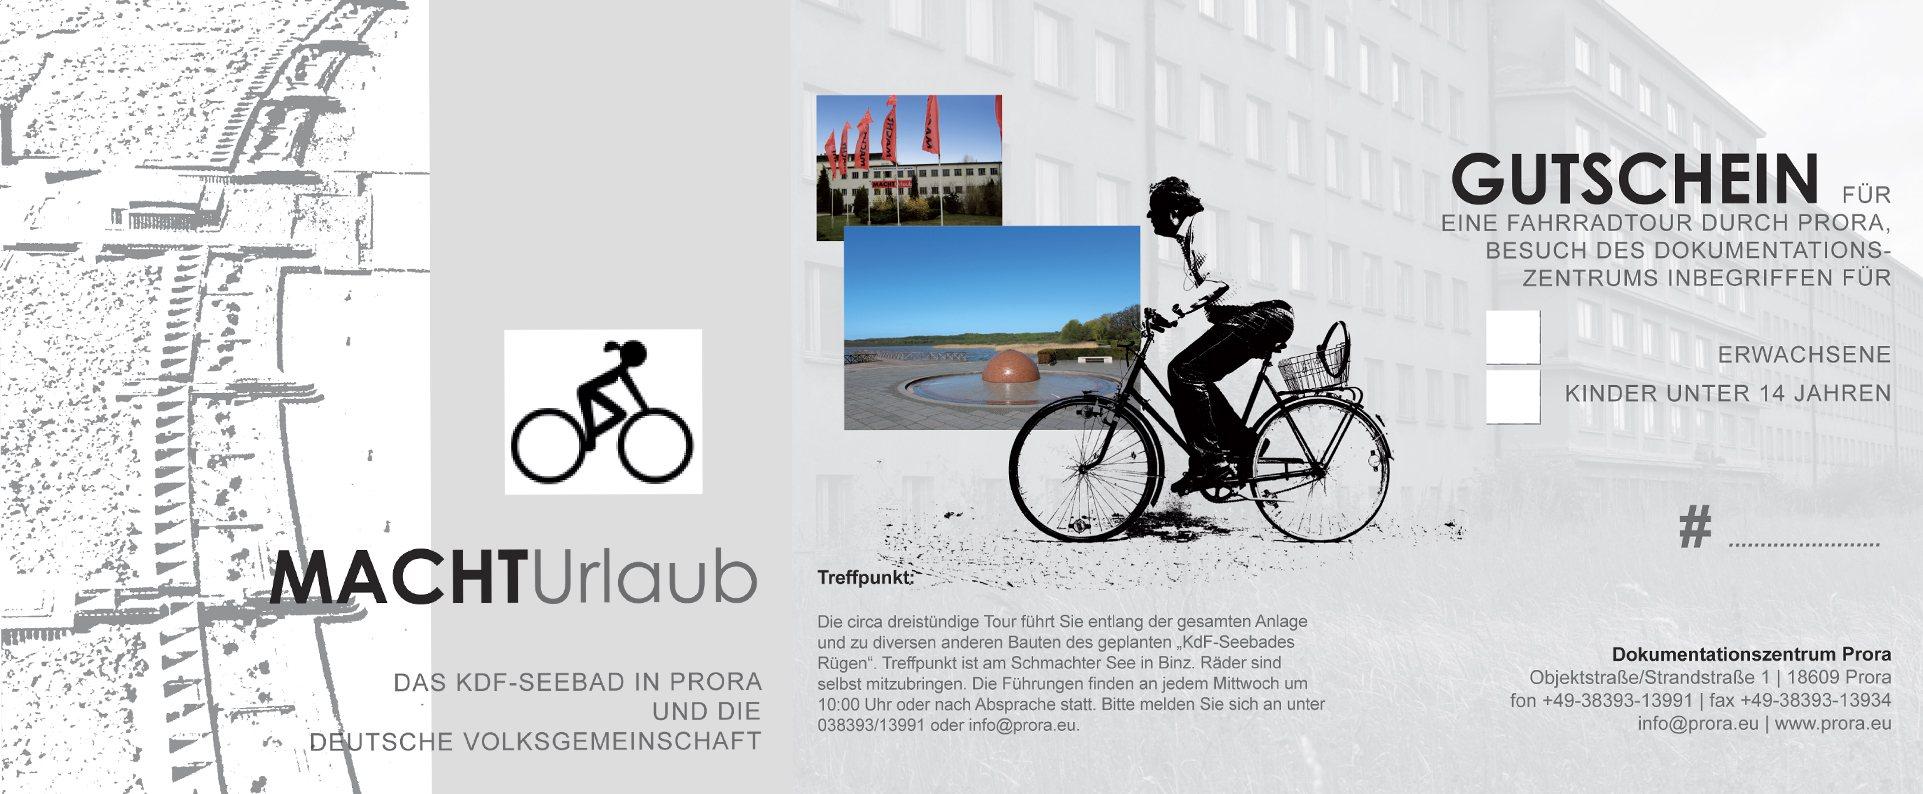 Fahrradgutscheinweb